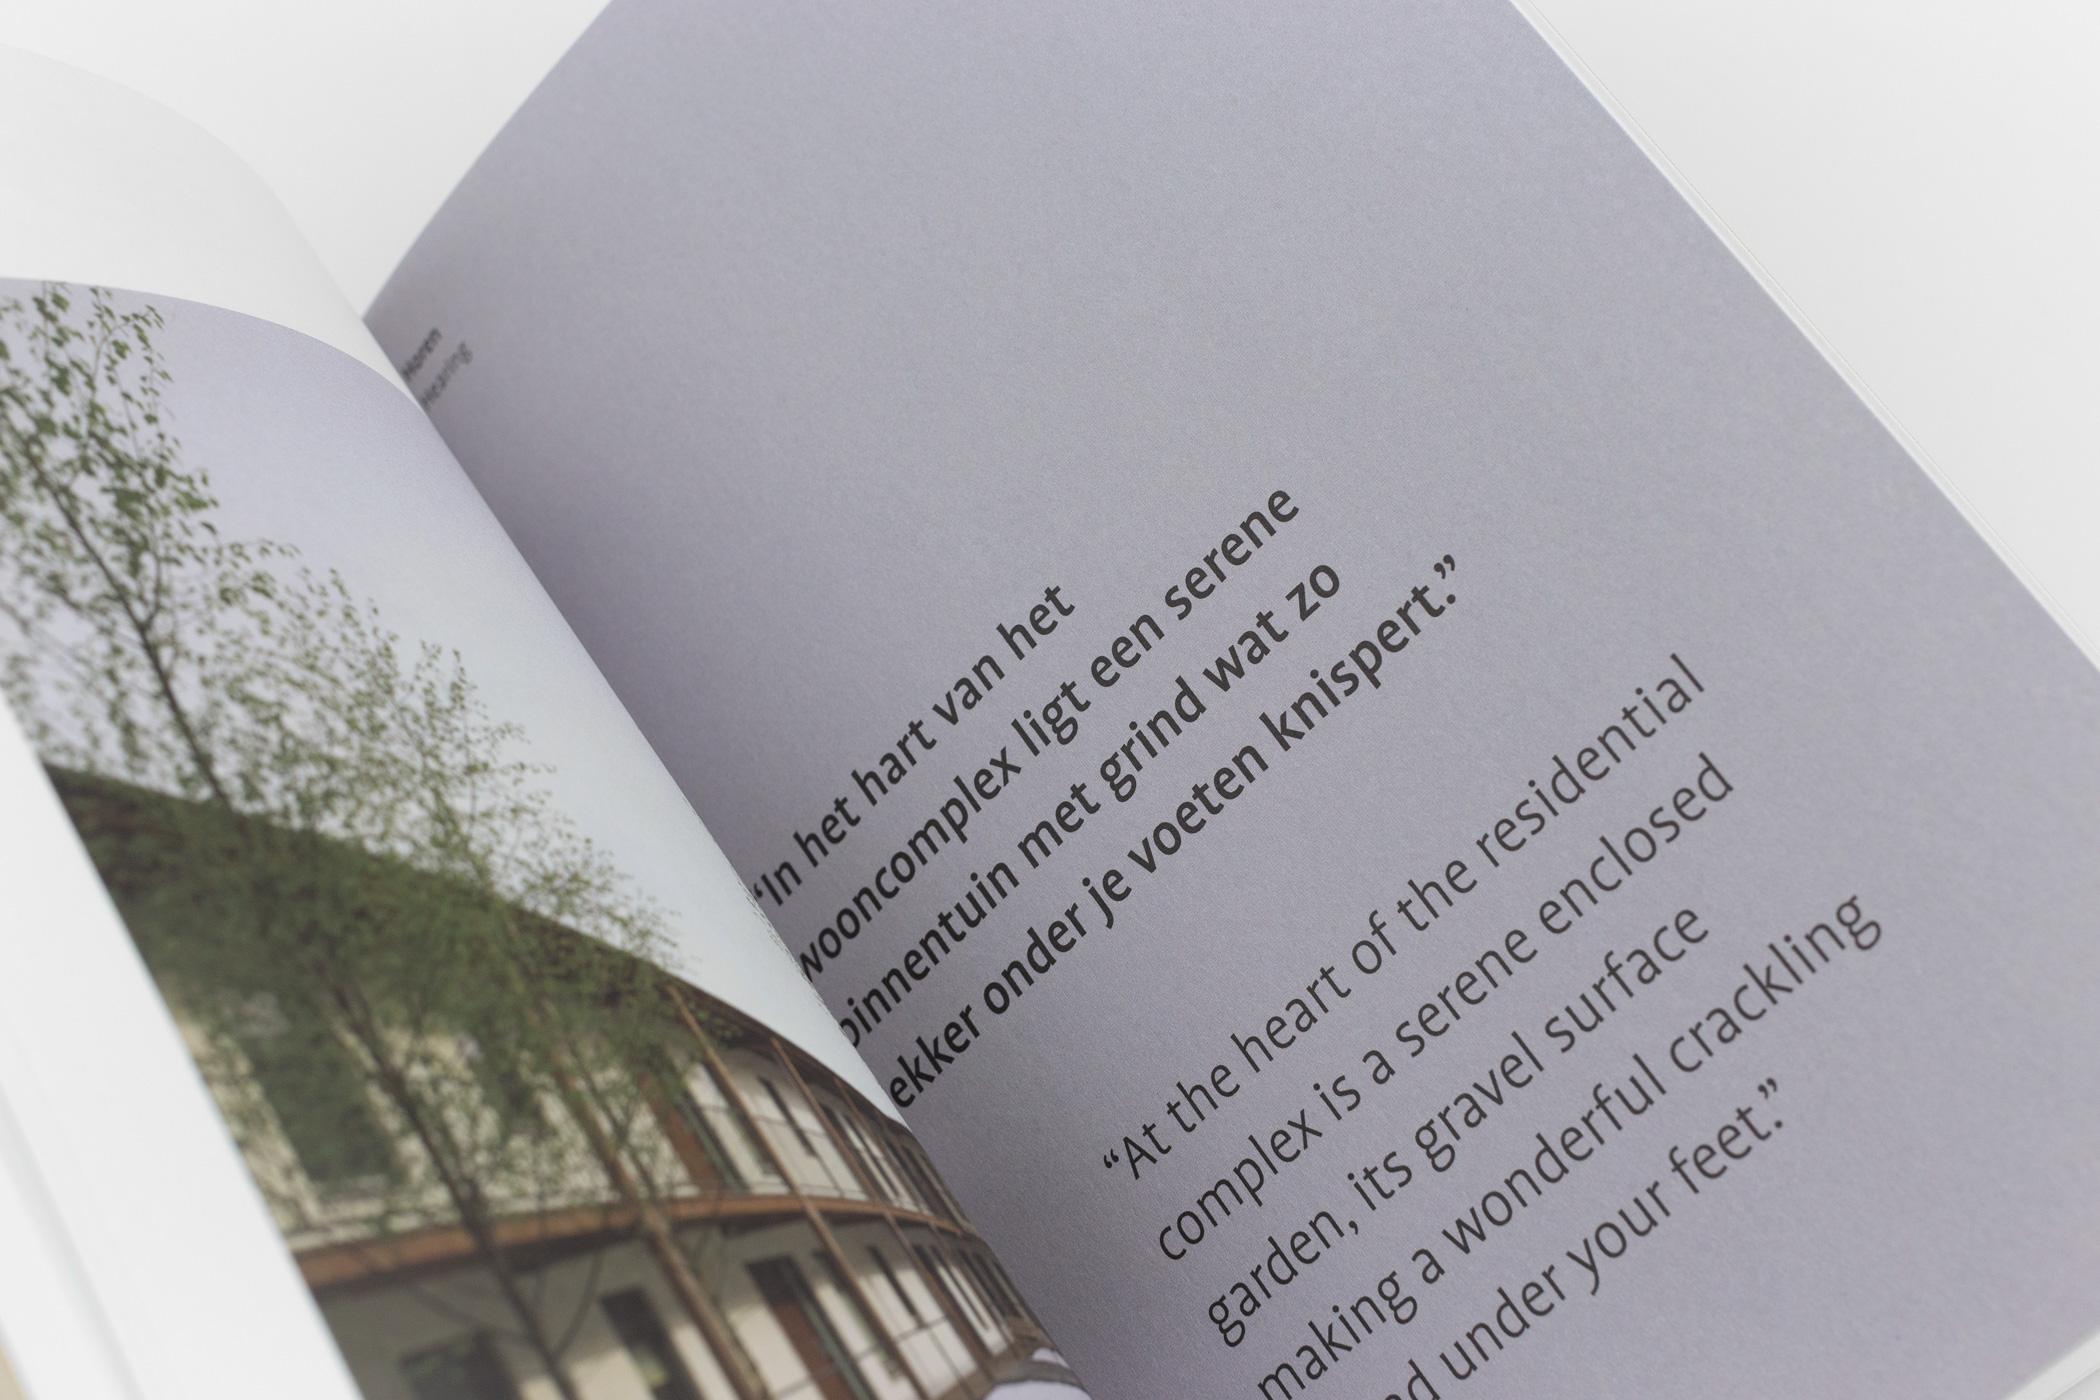 Ontwerper Silvia Jaunsolo kwam naar de Monsterkamer om papier uit te zoeken voor het boek DP6 21 - De zintuigen / The senses.